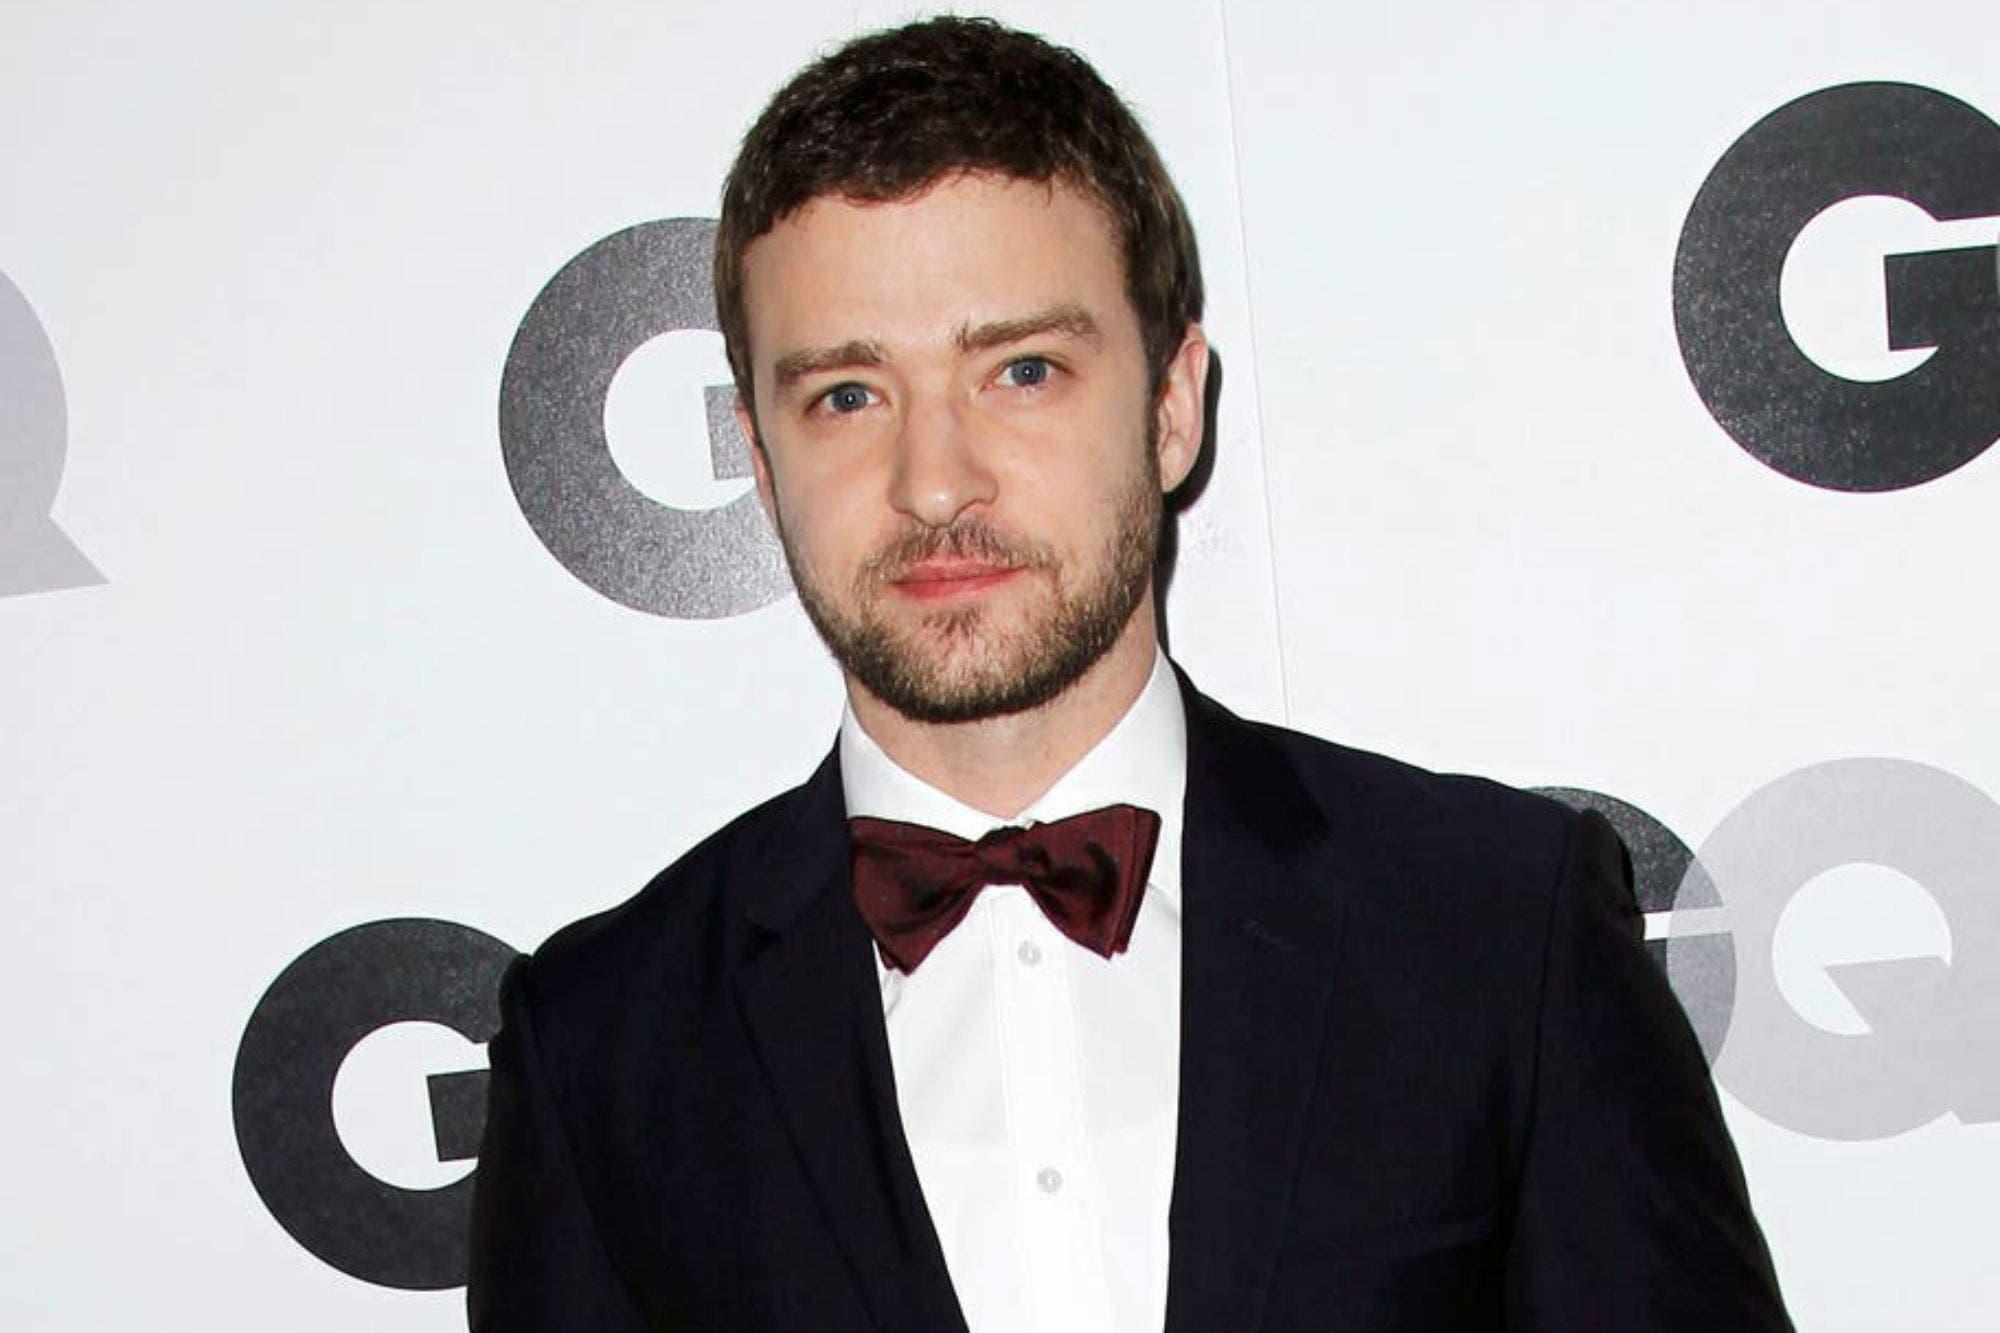 Las fotos que muestran a Justin Timberlake muy cerca de la actriz Alisha Wainwright